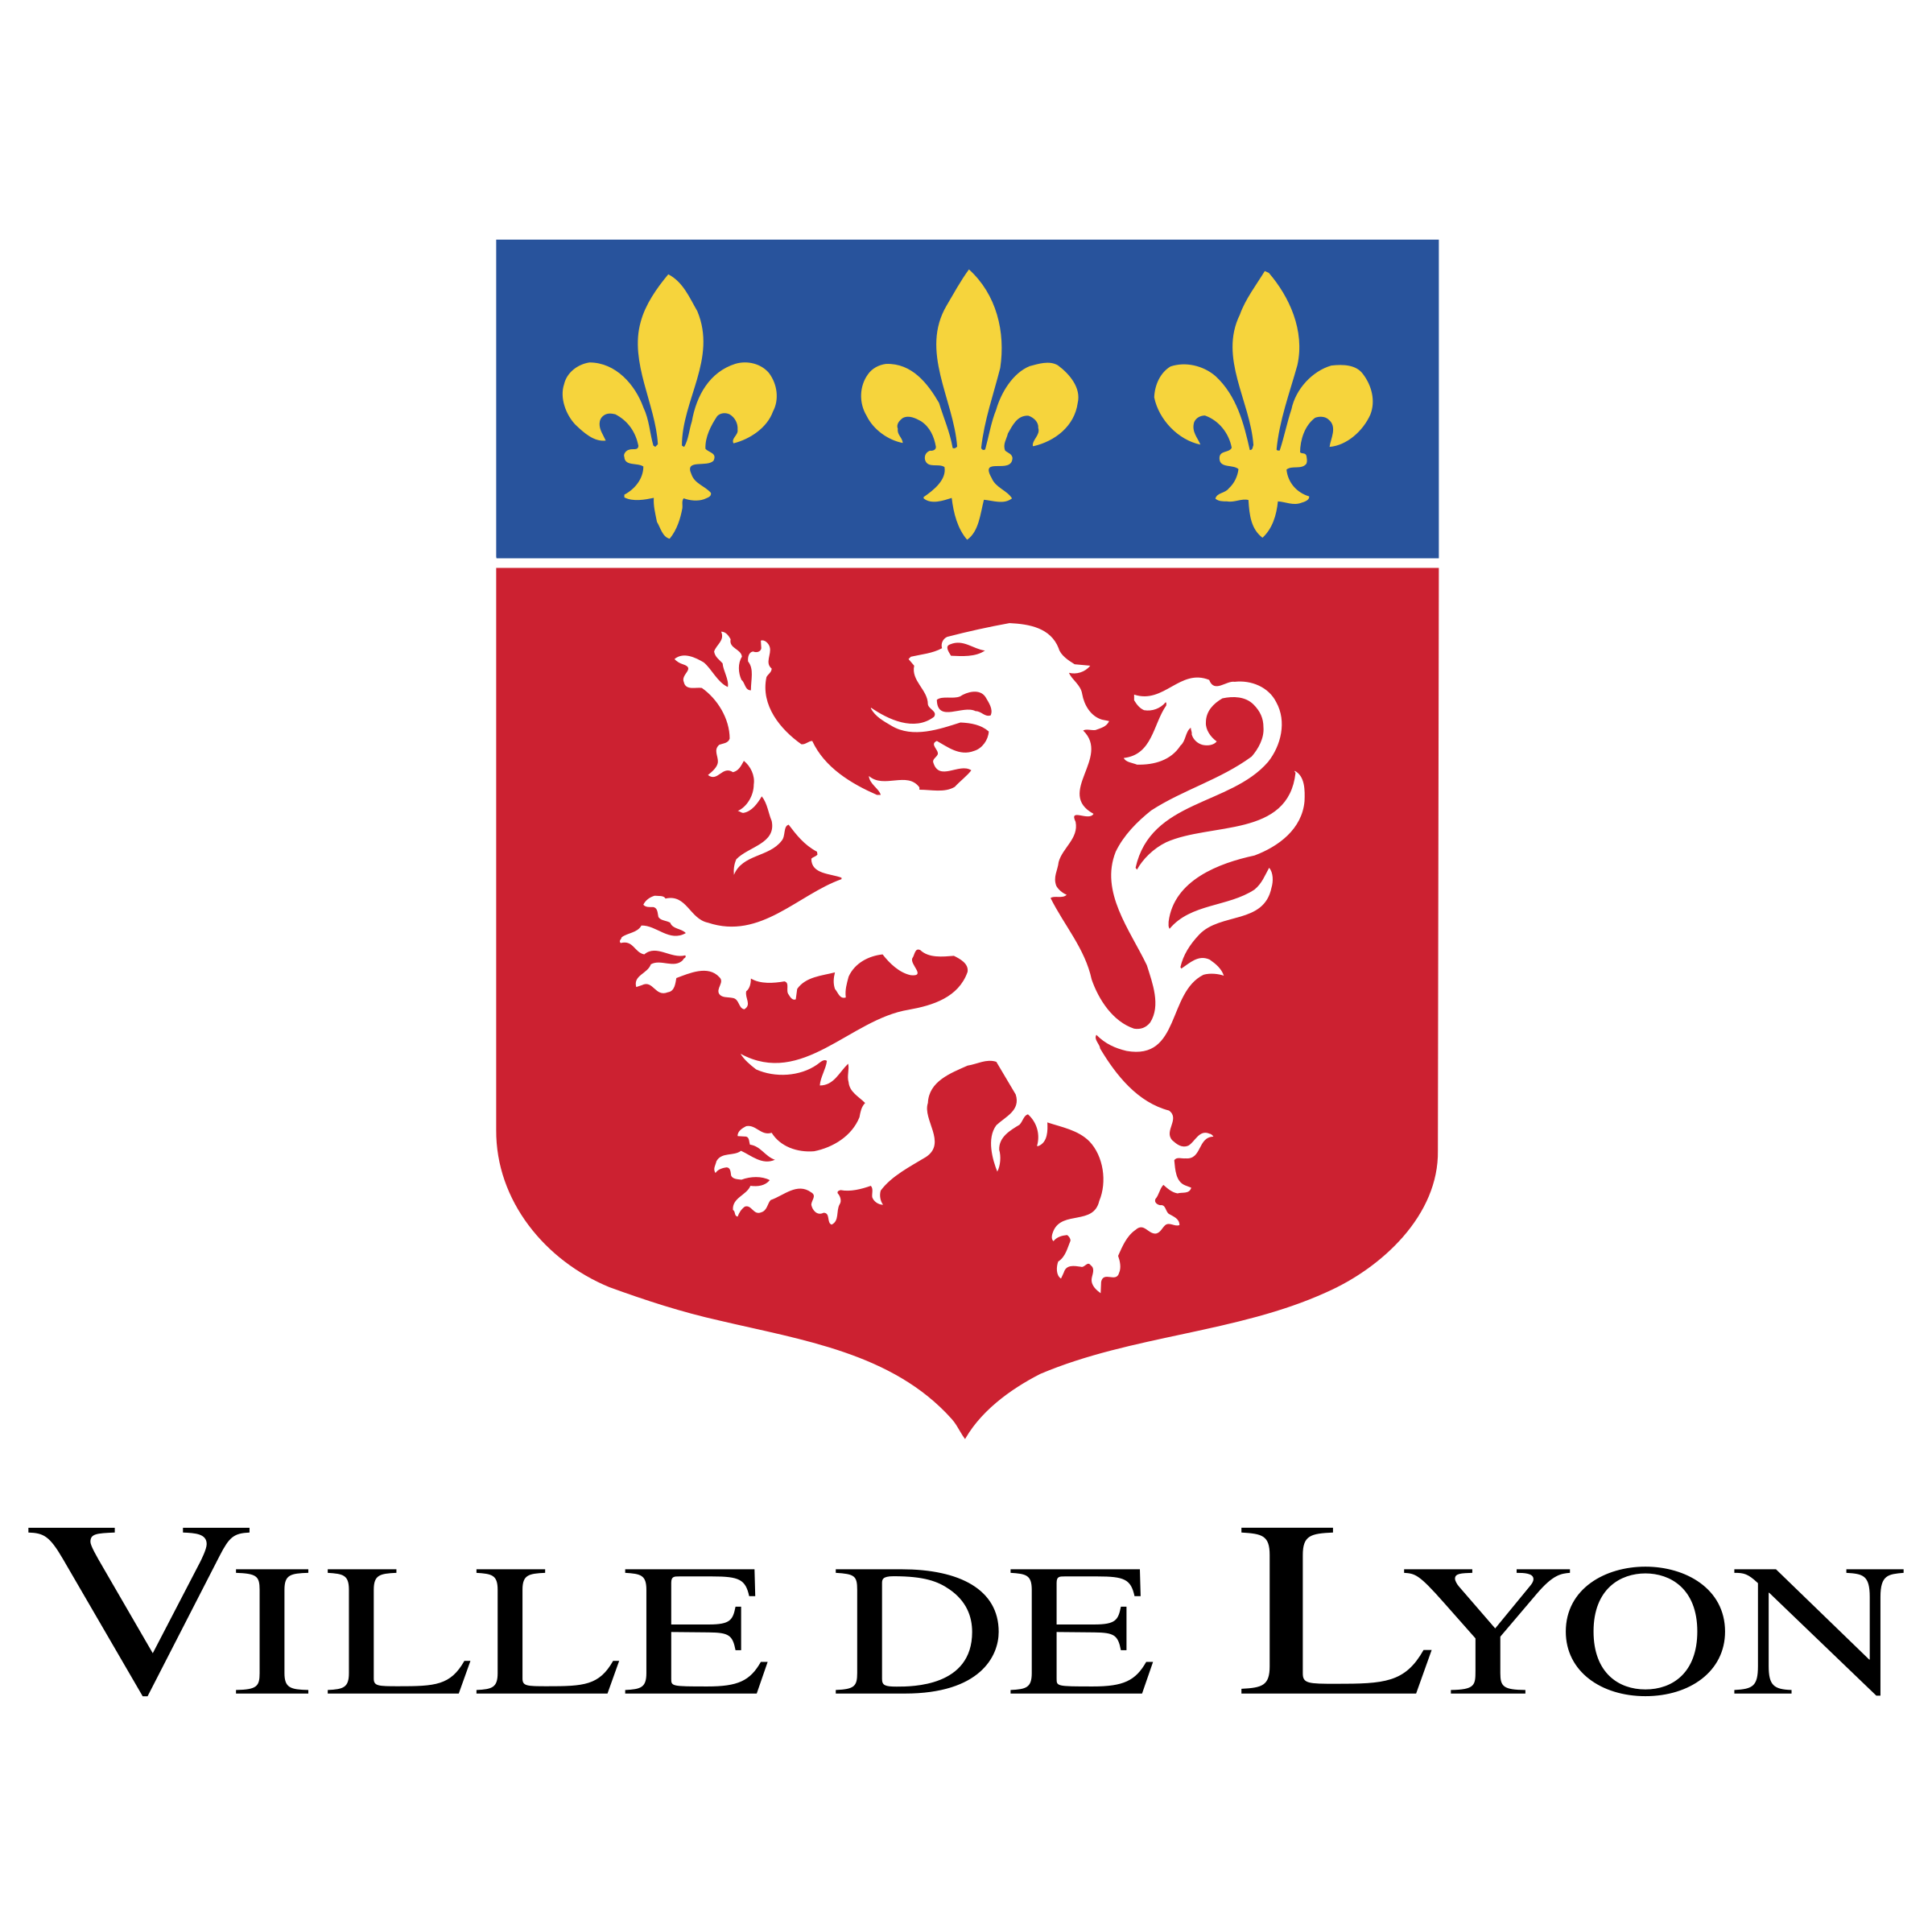 Logo ville de lyon png 8 » PNG Image.